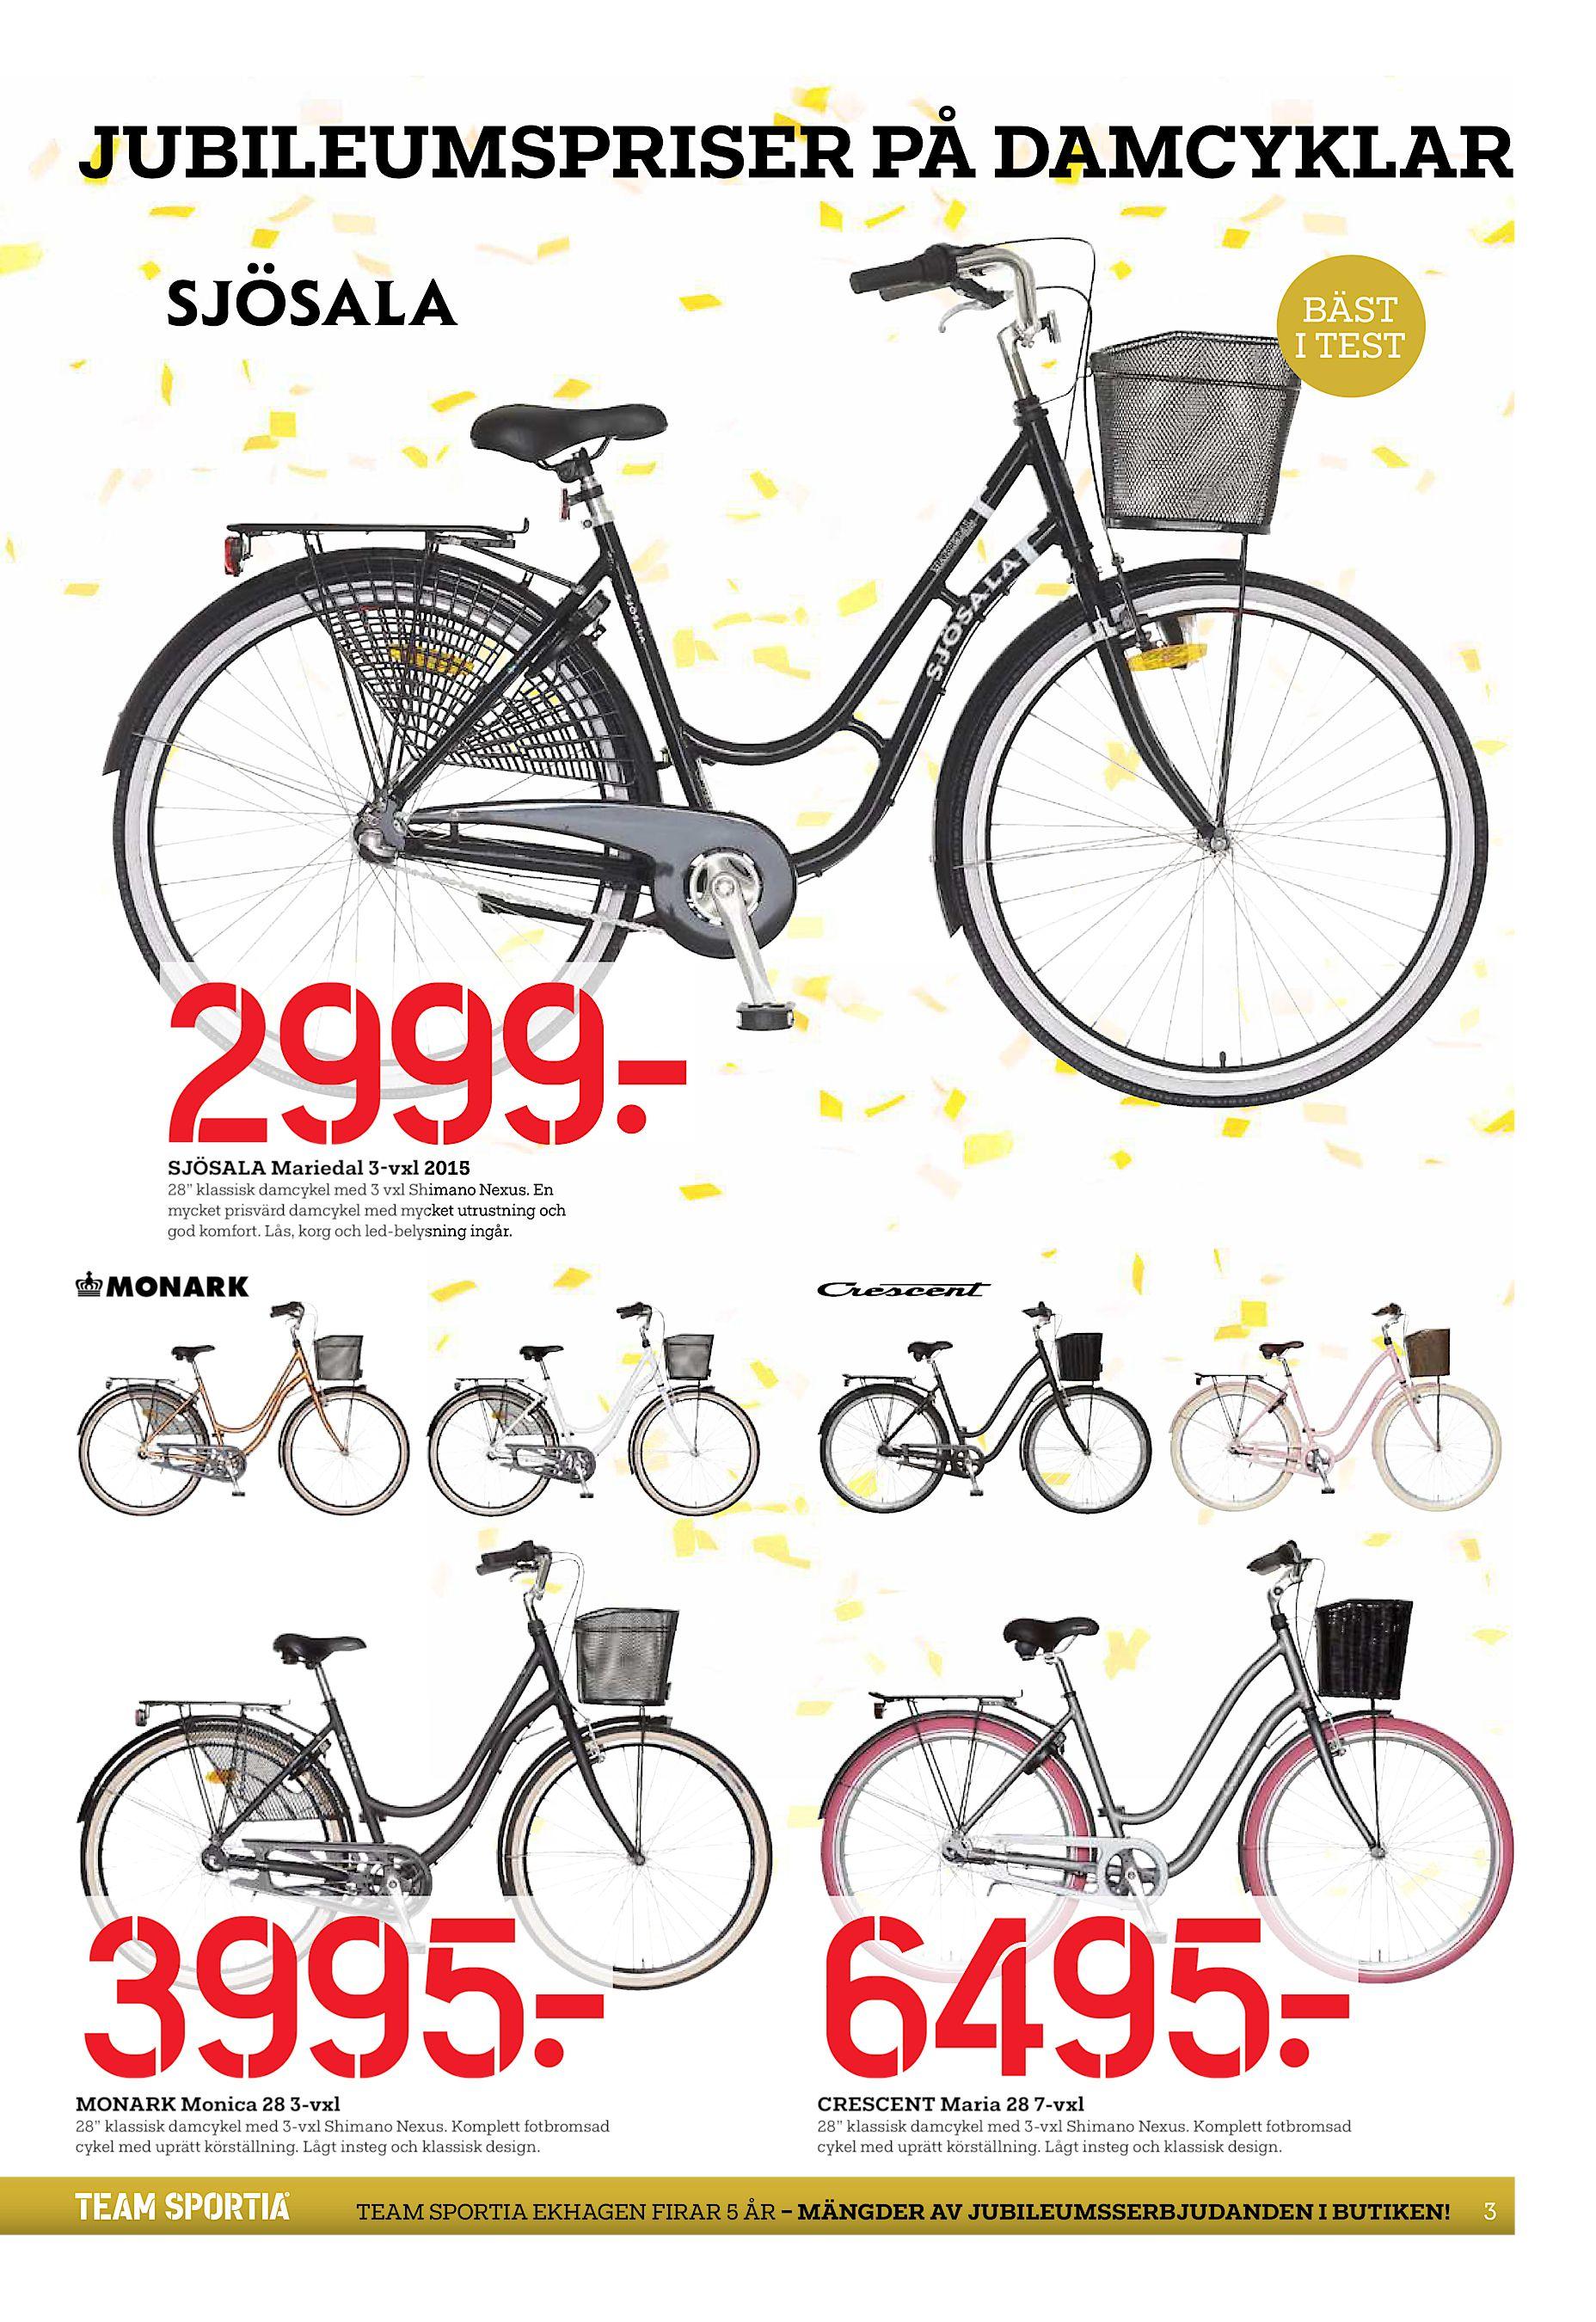 """newest ff5f5 8189d JUBILEUMSPRISER PÅ DAMCYKLAR BÄST I TEST 2999  SJÖSALA Mariedal 3-vxl 2015  28"""" klassisk damcykel med 3 vxl Shimano Nexus. En mycket prisvärd damcykel  med ..."""